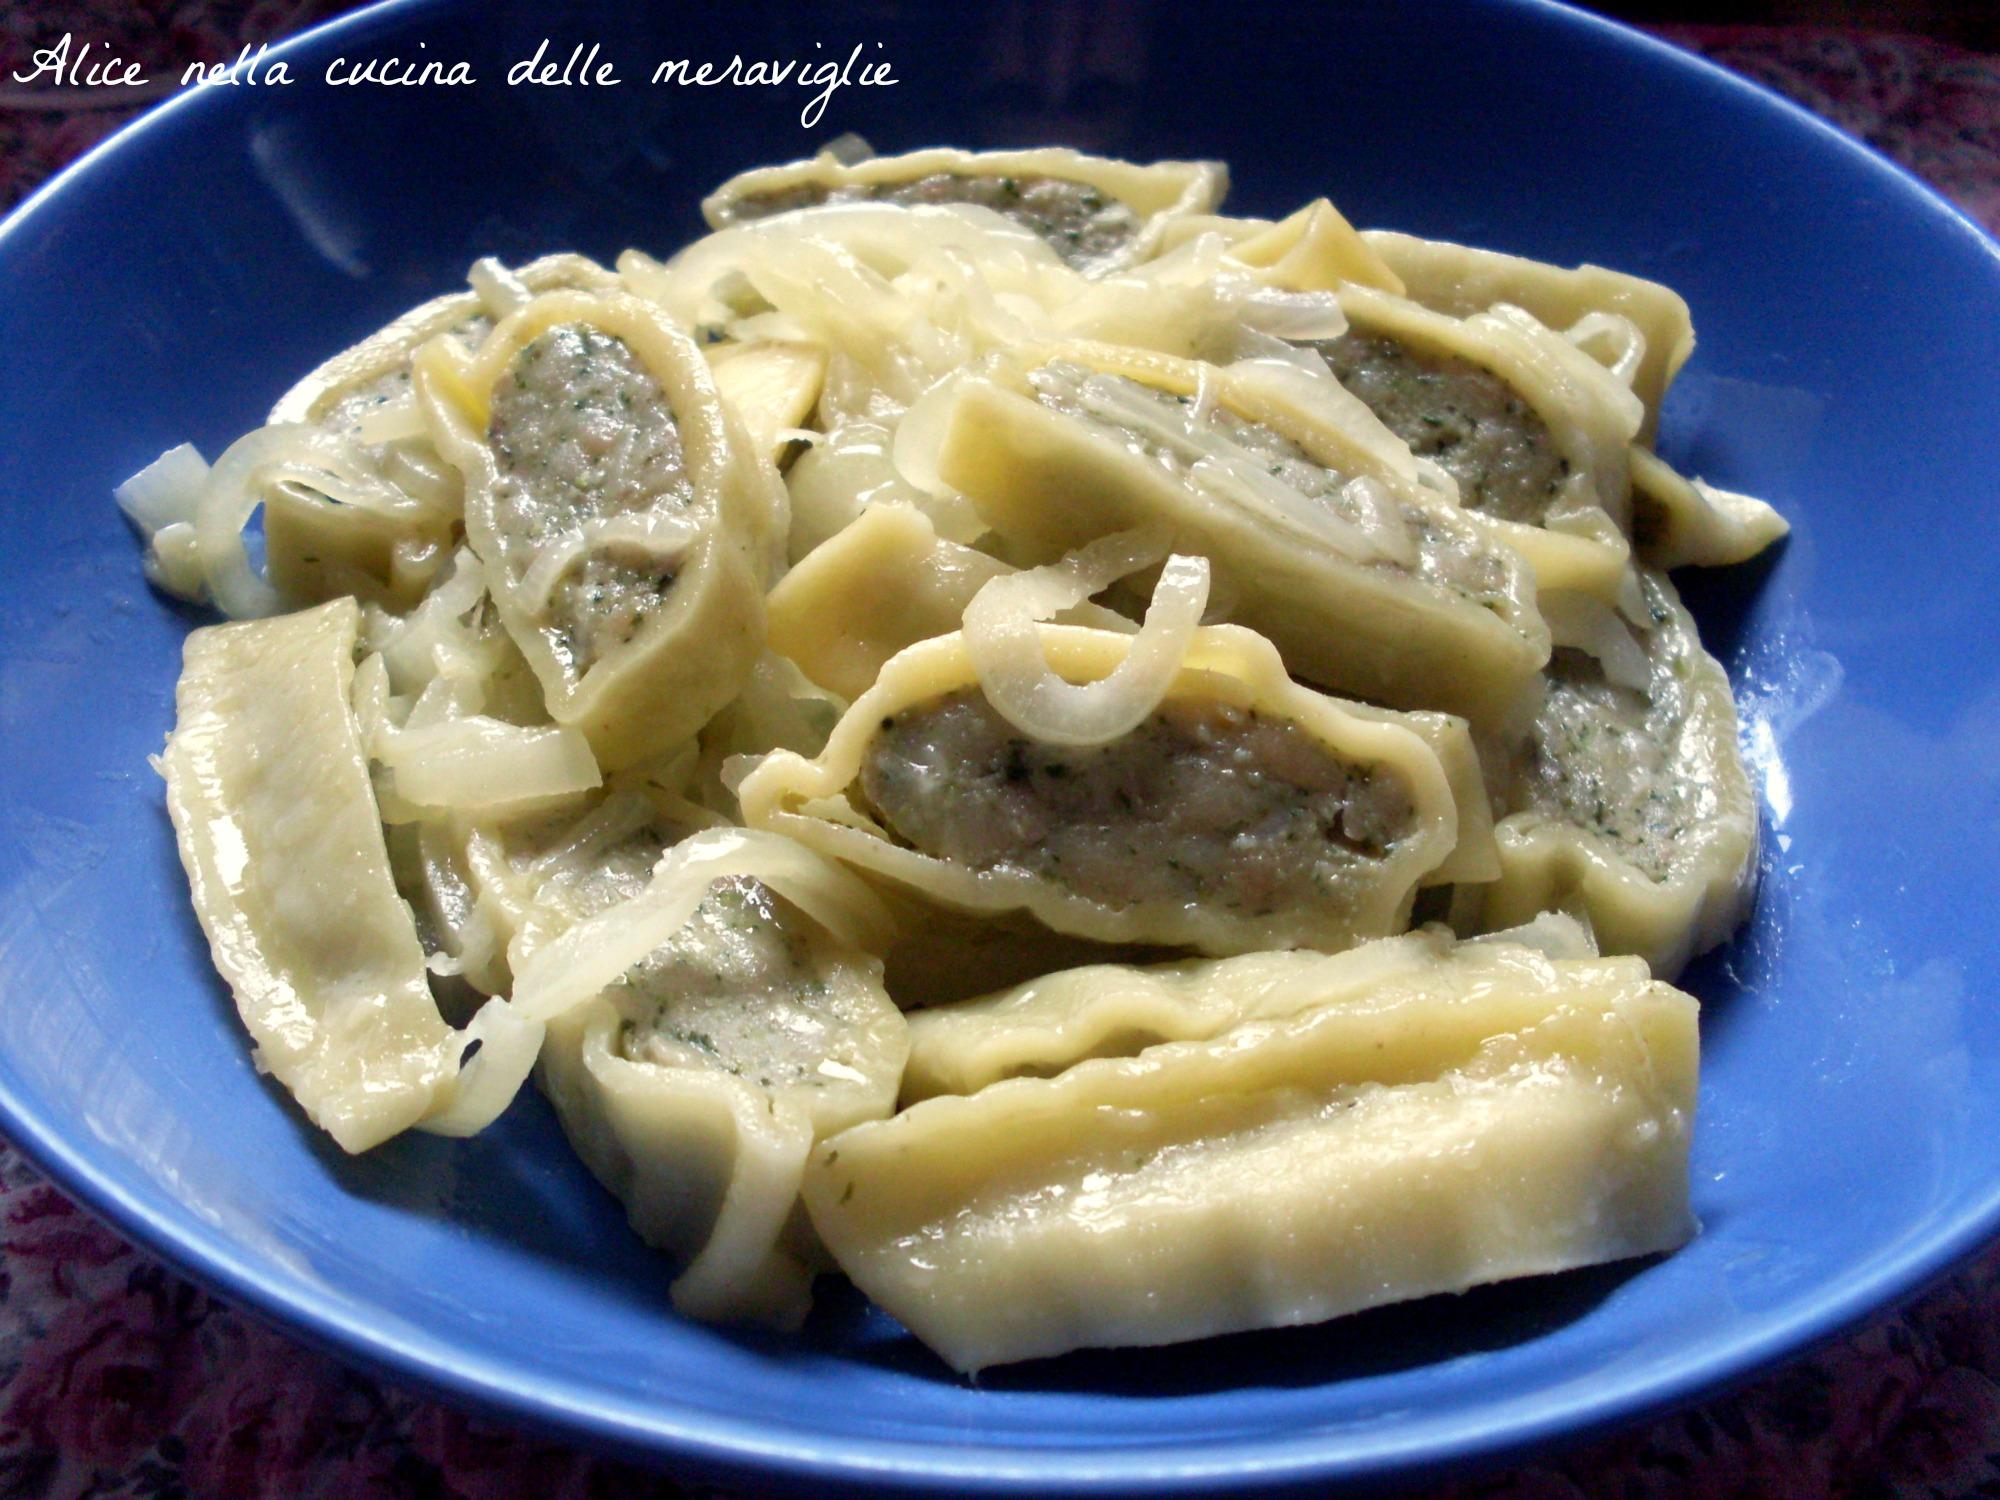 Ricette secondi piatti tedeschi ricette utili della for Ricette cucina italiana secondi piatti